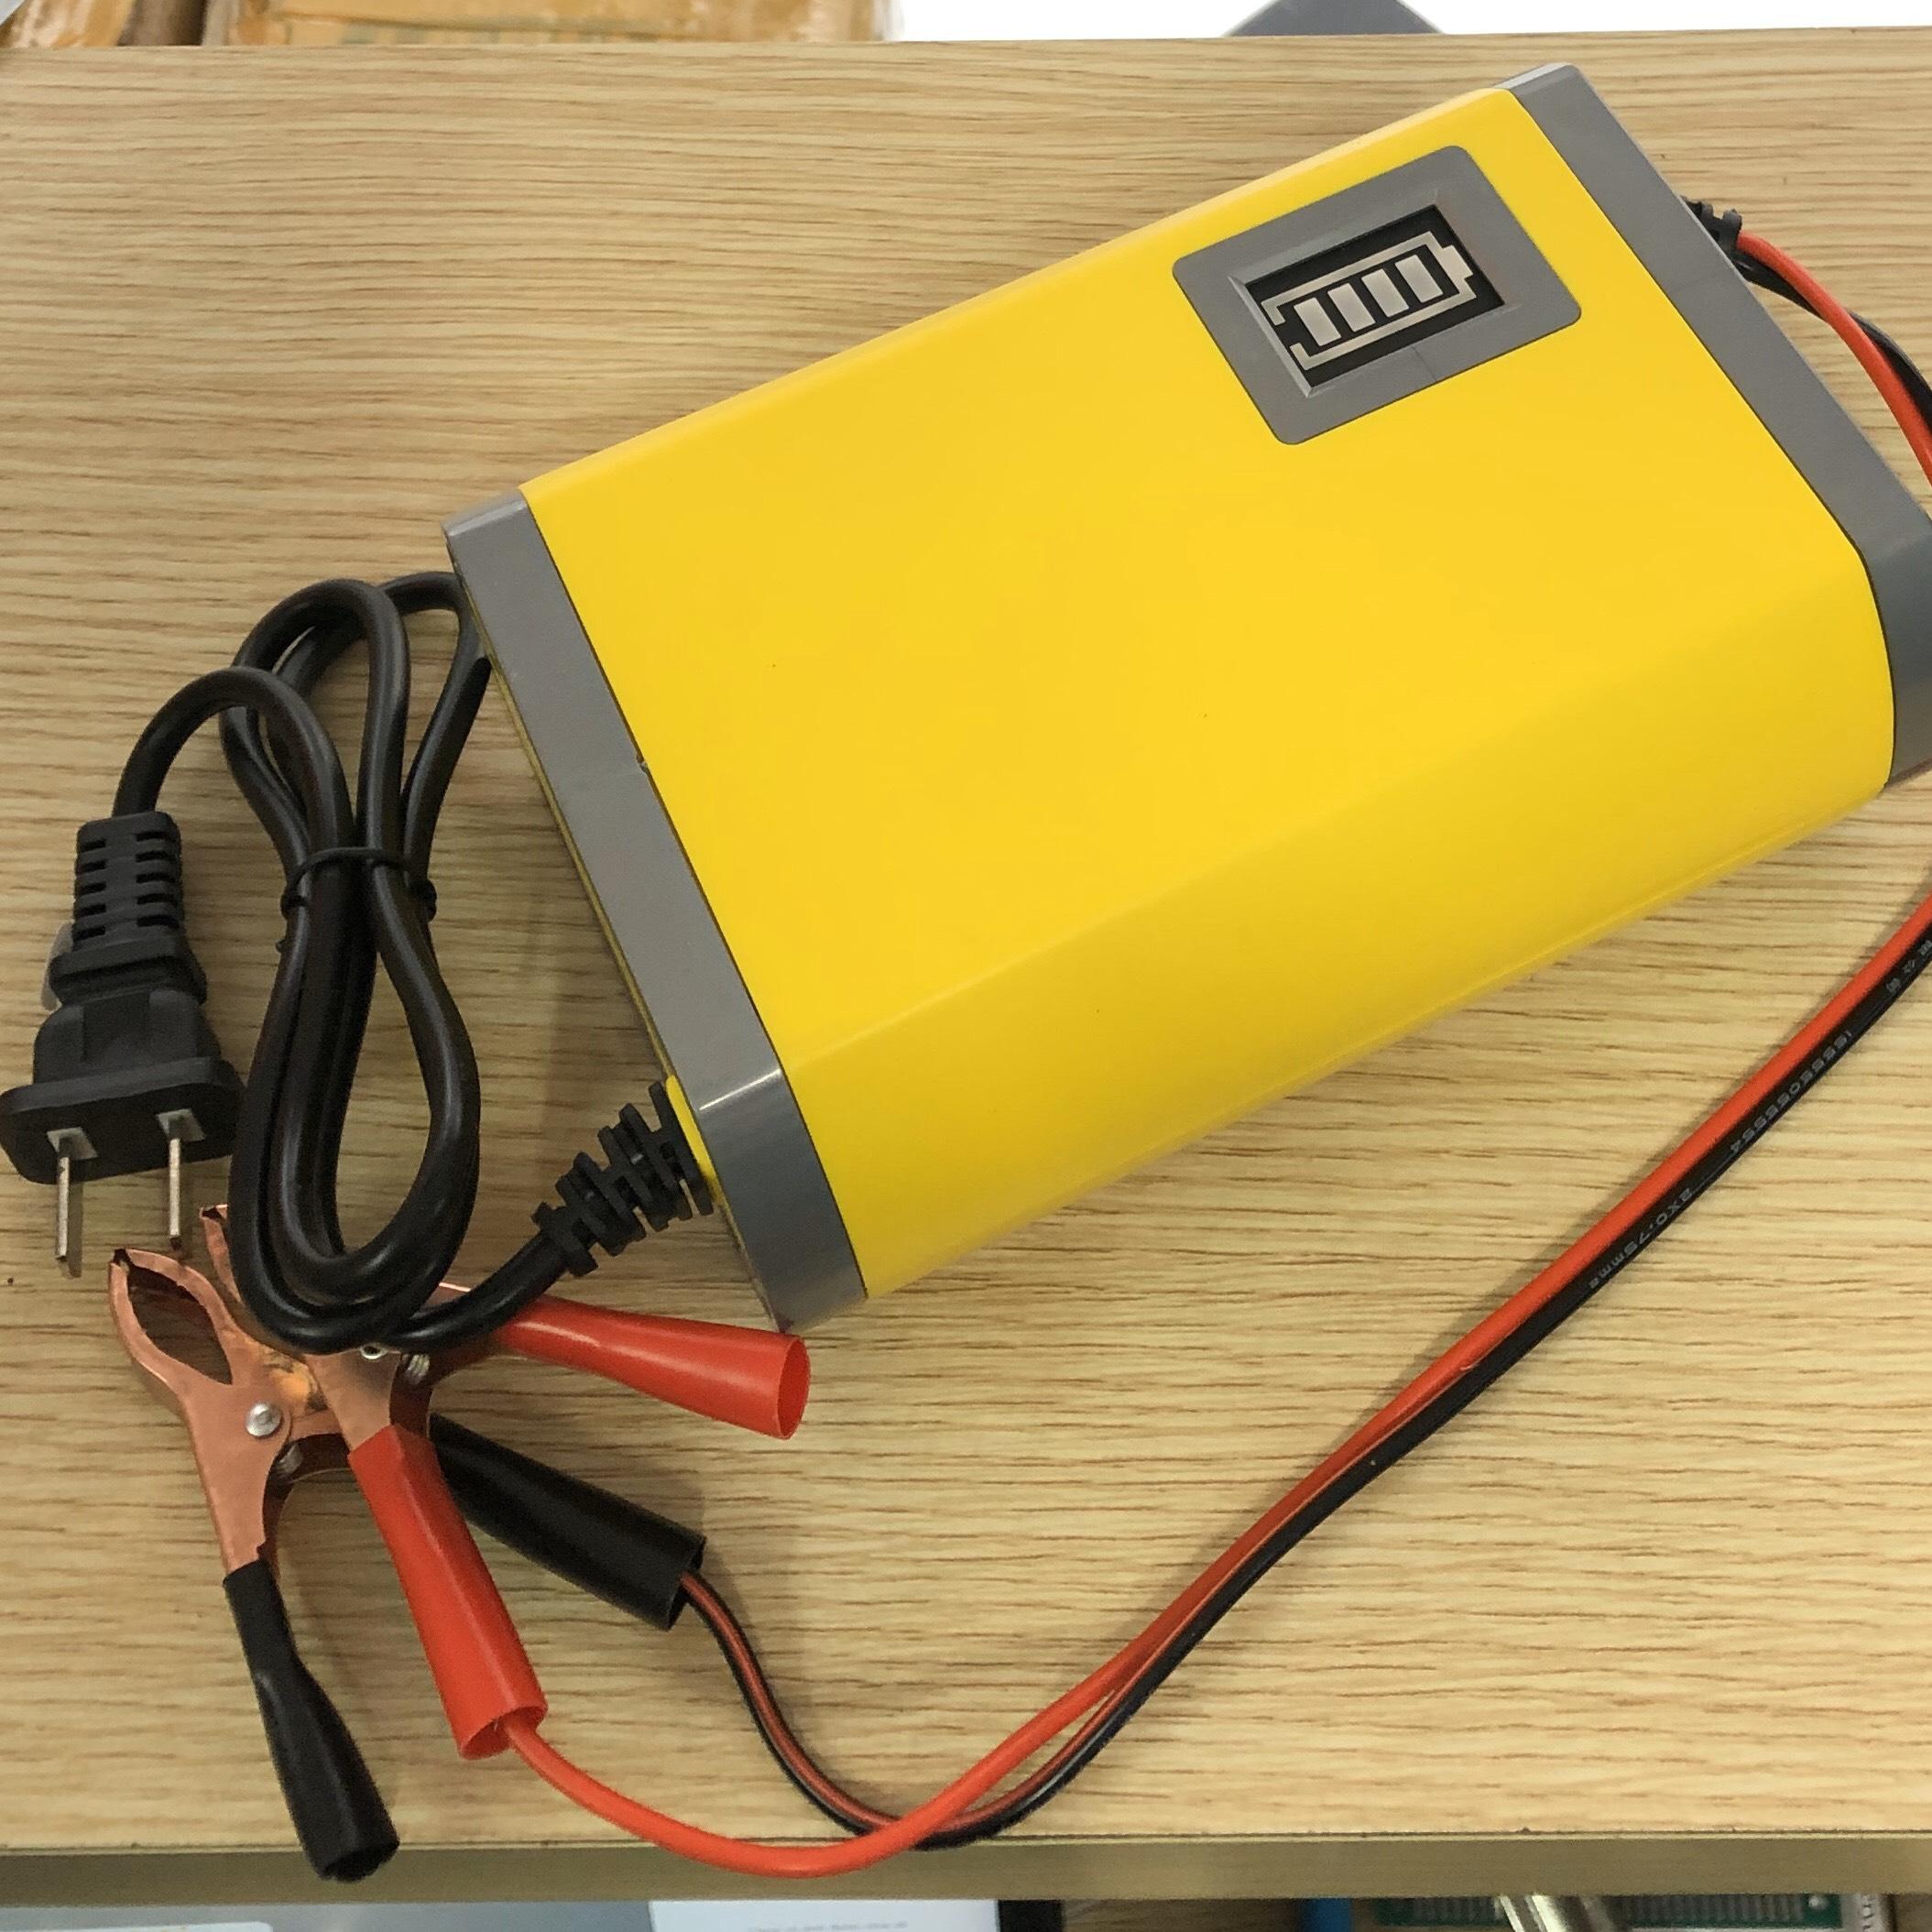 Bộ sạc Acquy 12V 6A. điện áp ra sạc 13,8V